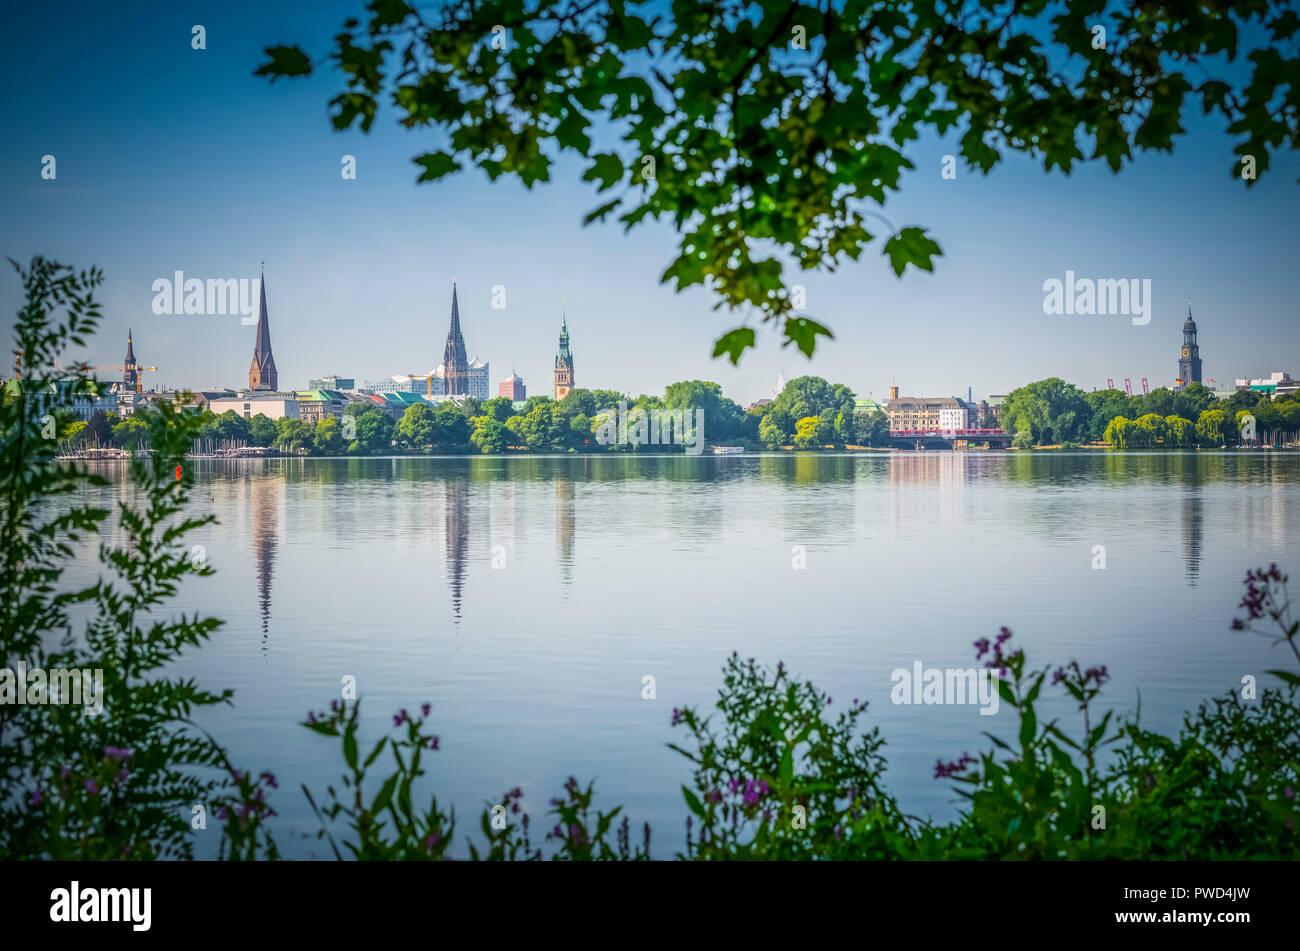 Deutschland, Hamburg, Skyline, Alster, Aussenalster - Stock Image